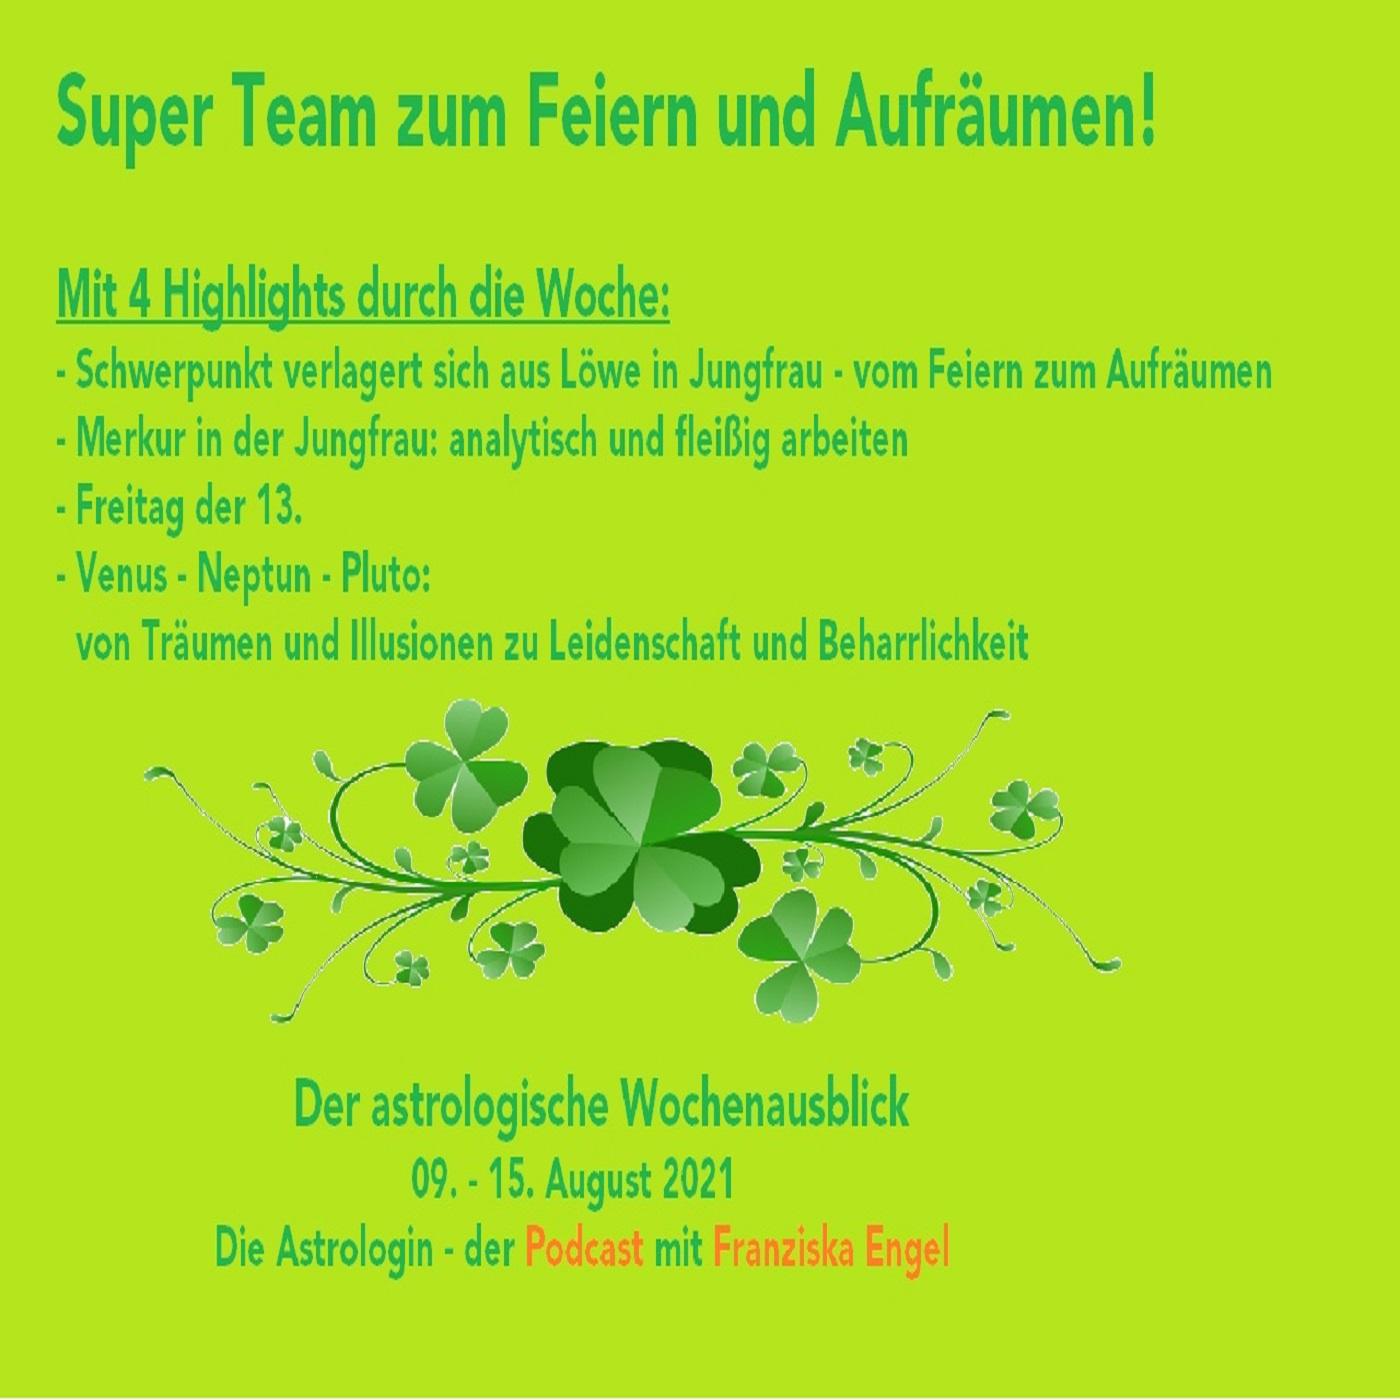 Super Team zum Feiern und Aufräumen!